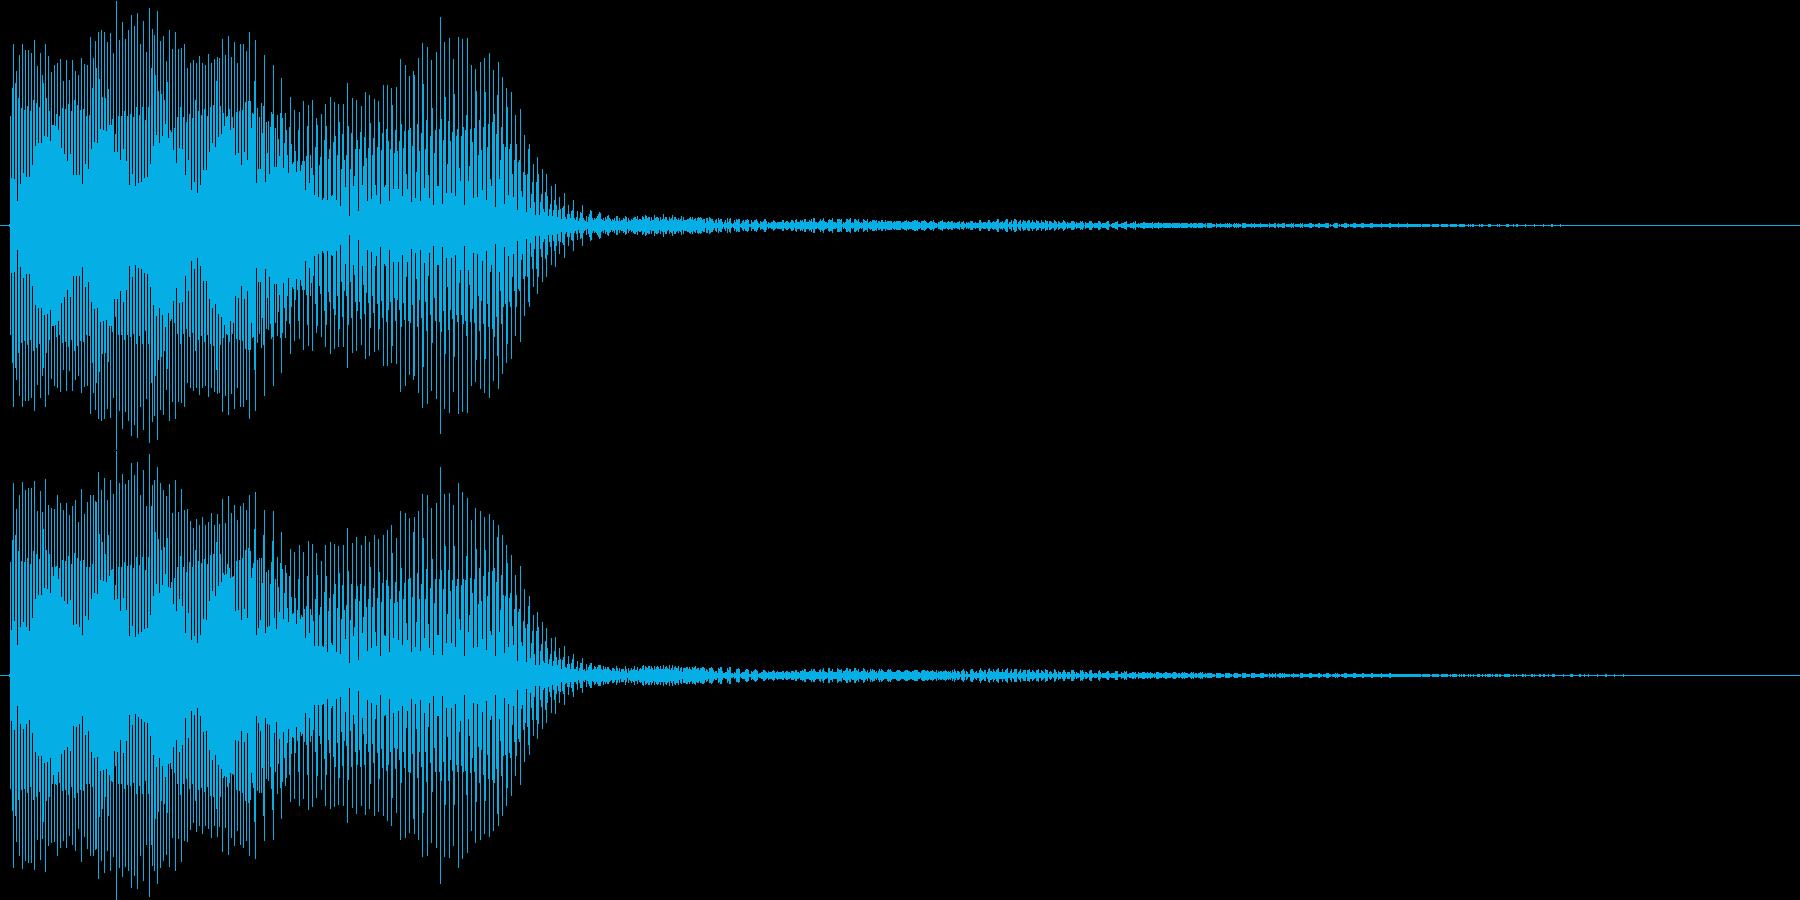 未来的空気感のある決定音2の再生済みの波形